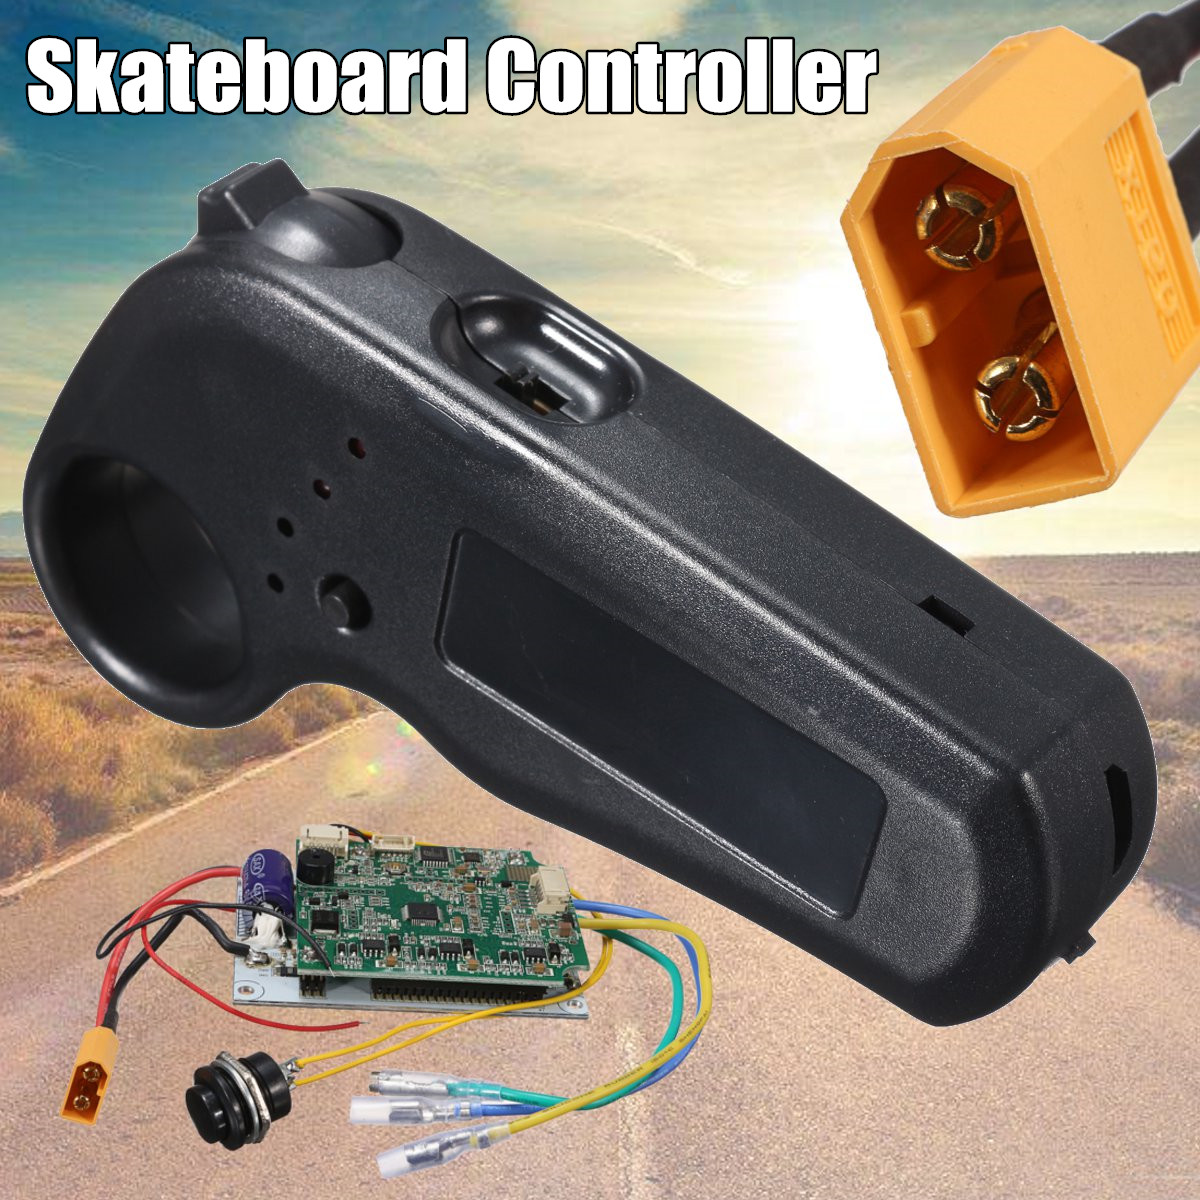 Mini contrôleur de planche à roulettes Longboard électrique contrôleur à distance à moteur unique ESC substitut pour planche à roulettes électrique Longboard